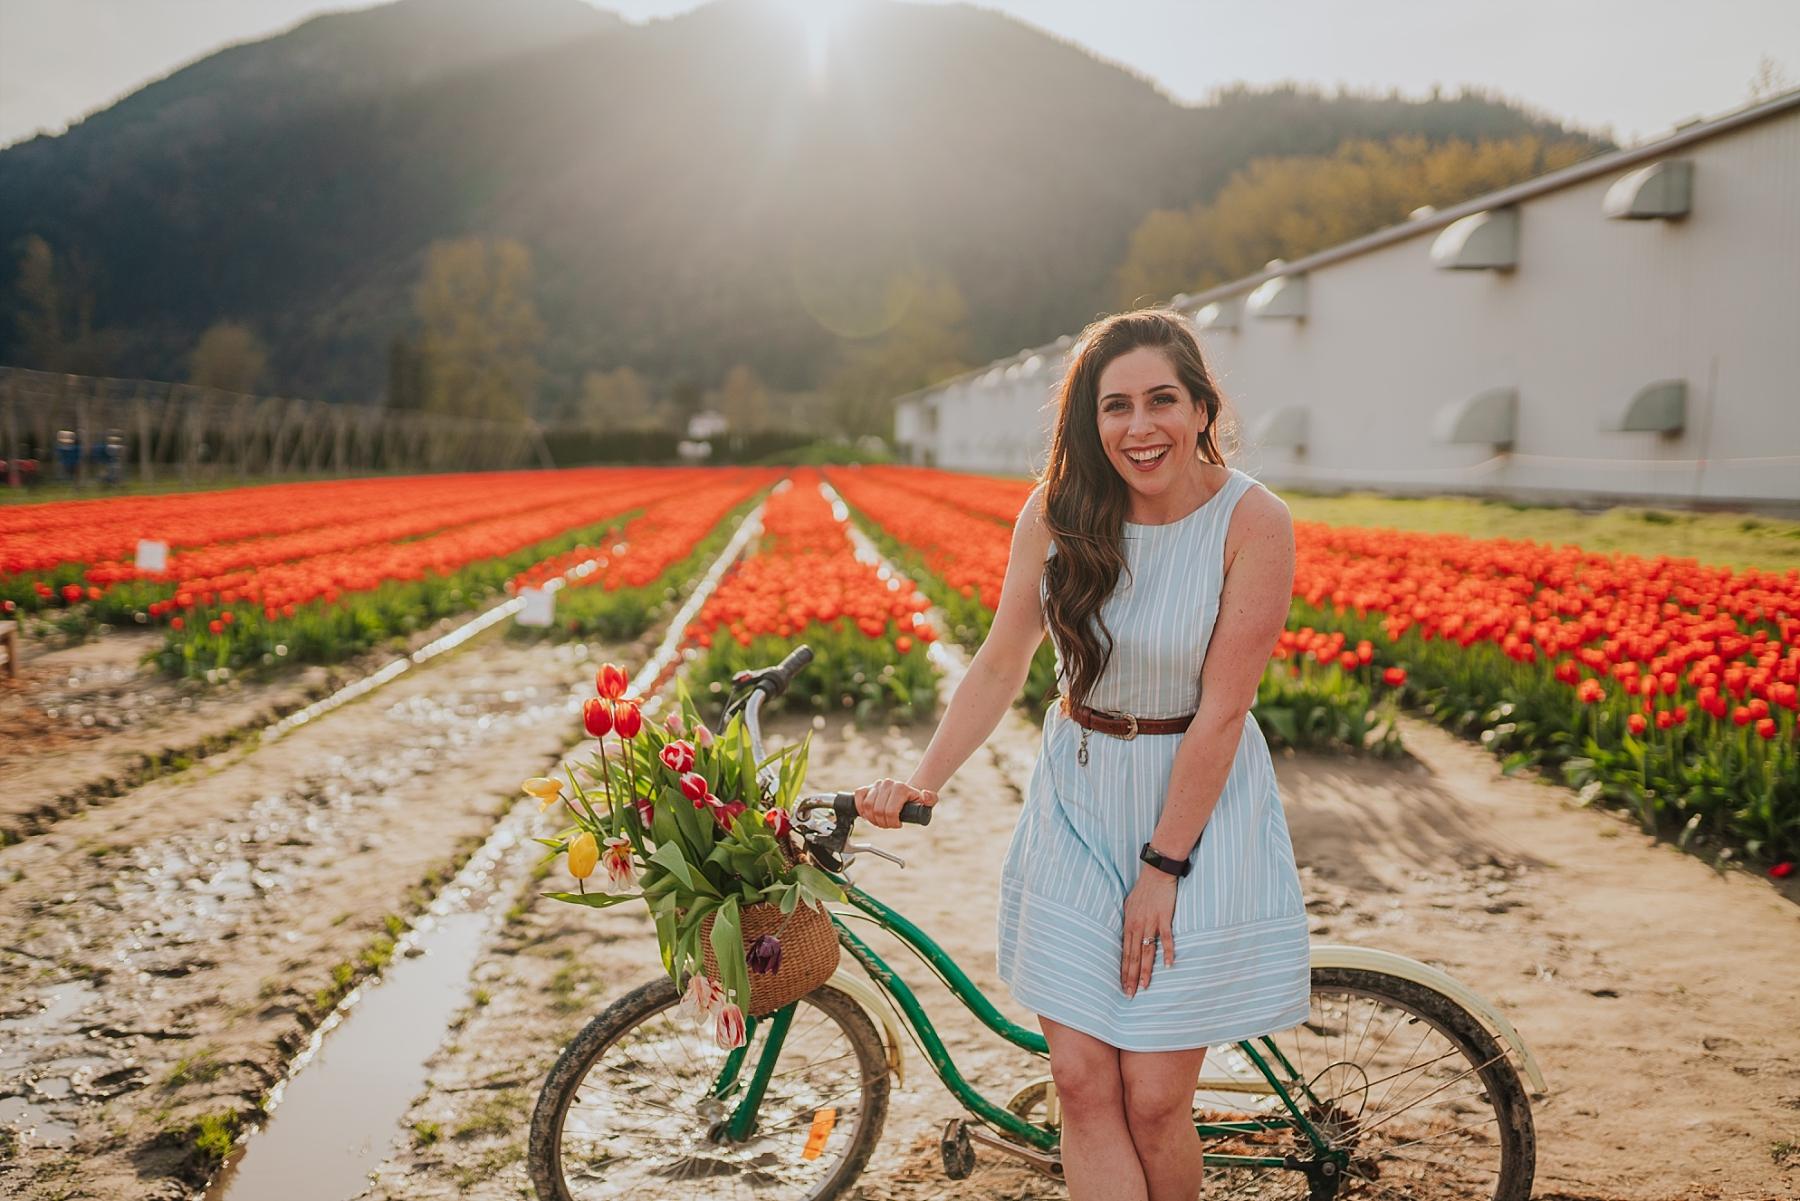 chilliwack tulip festival guide